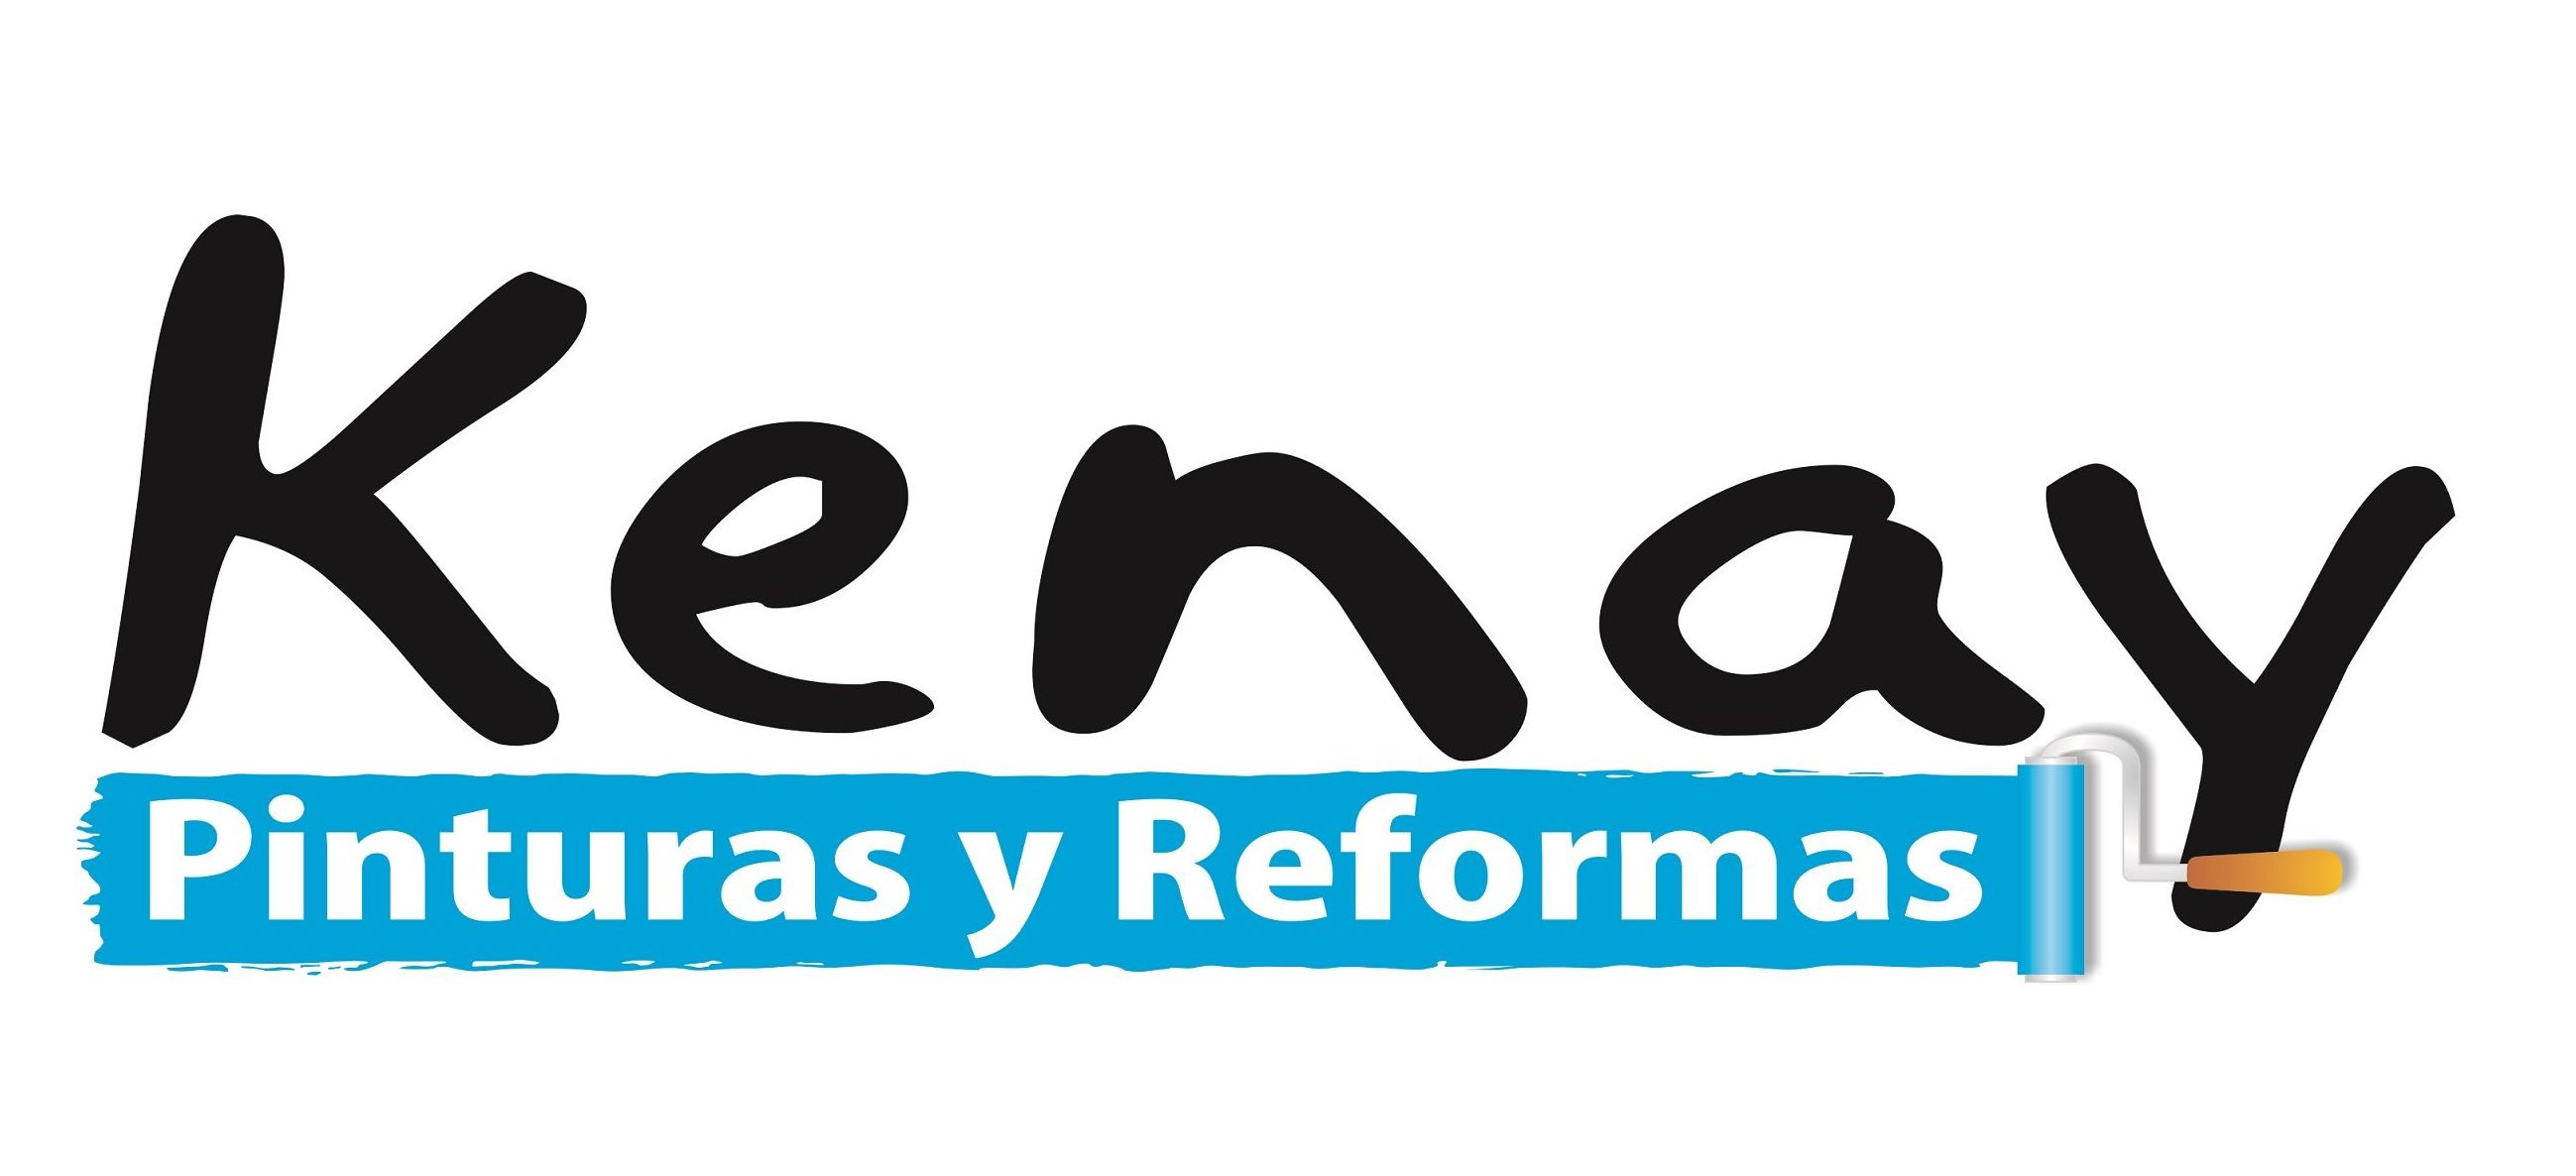 Llegamos al presupuesto 1000: Servicios de Pinturas y Reformas Kenay